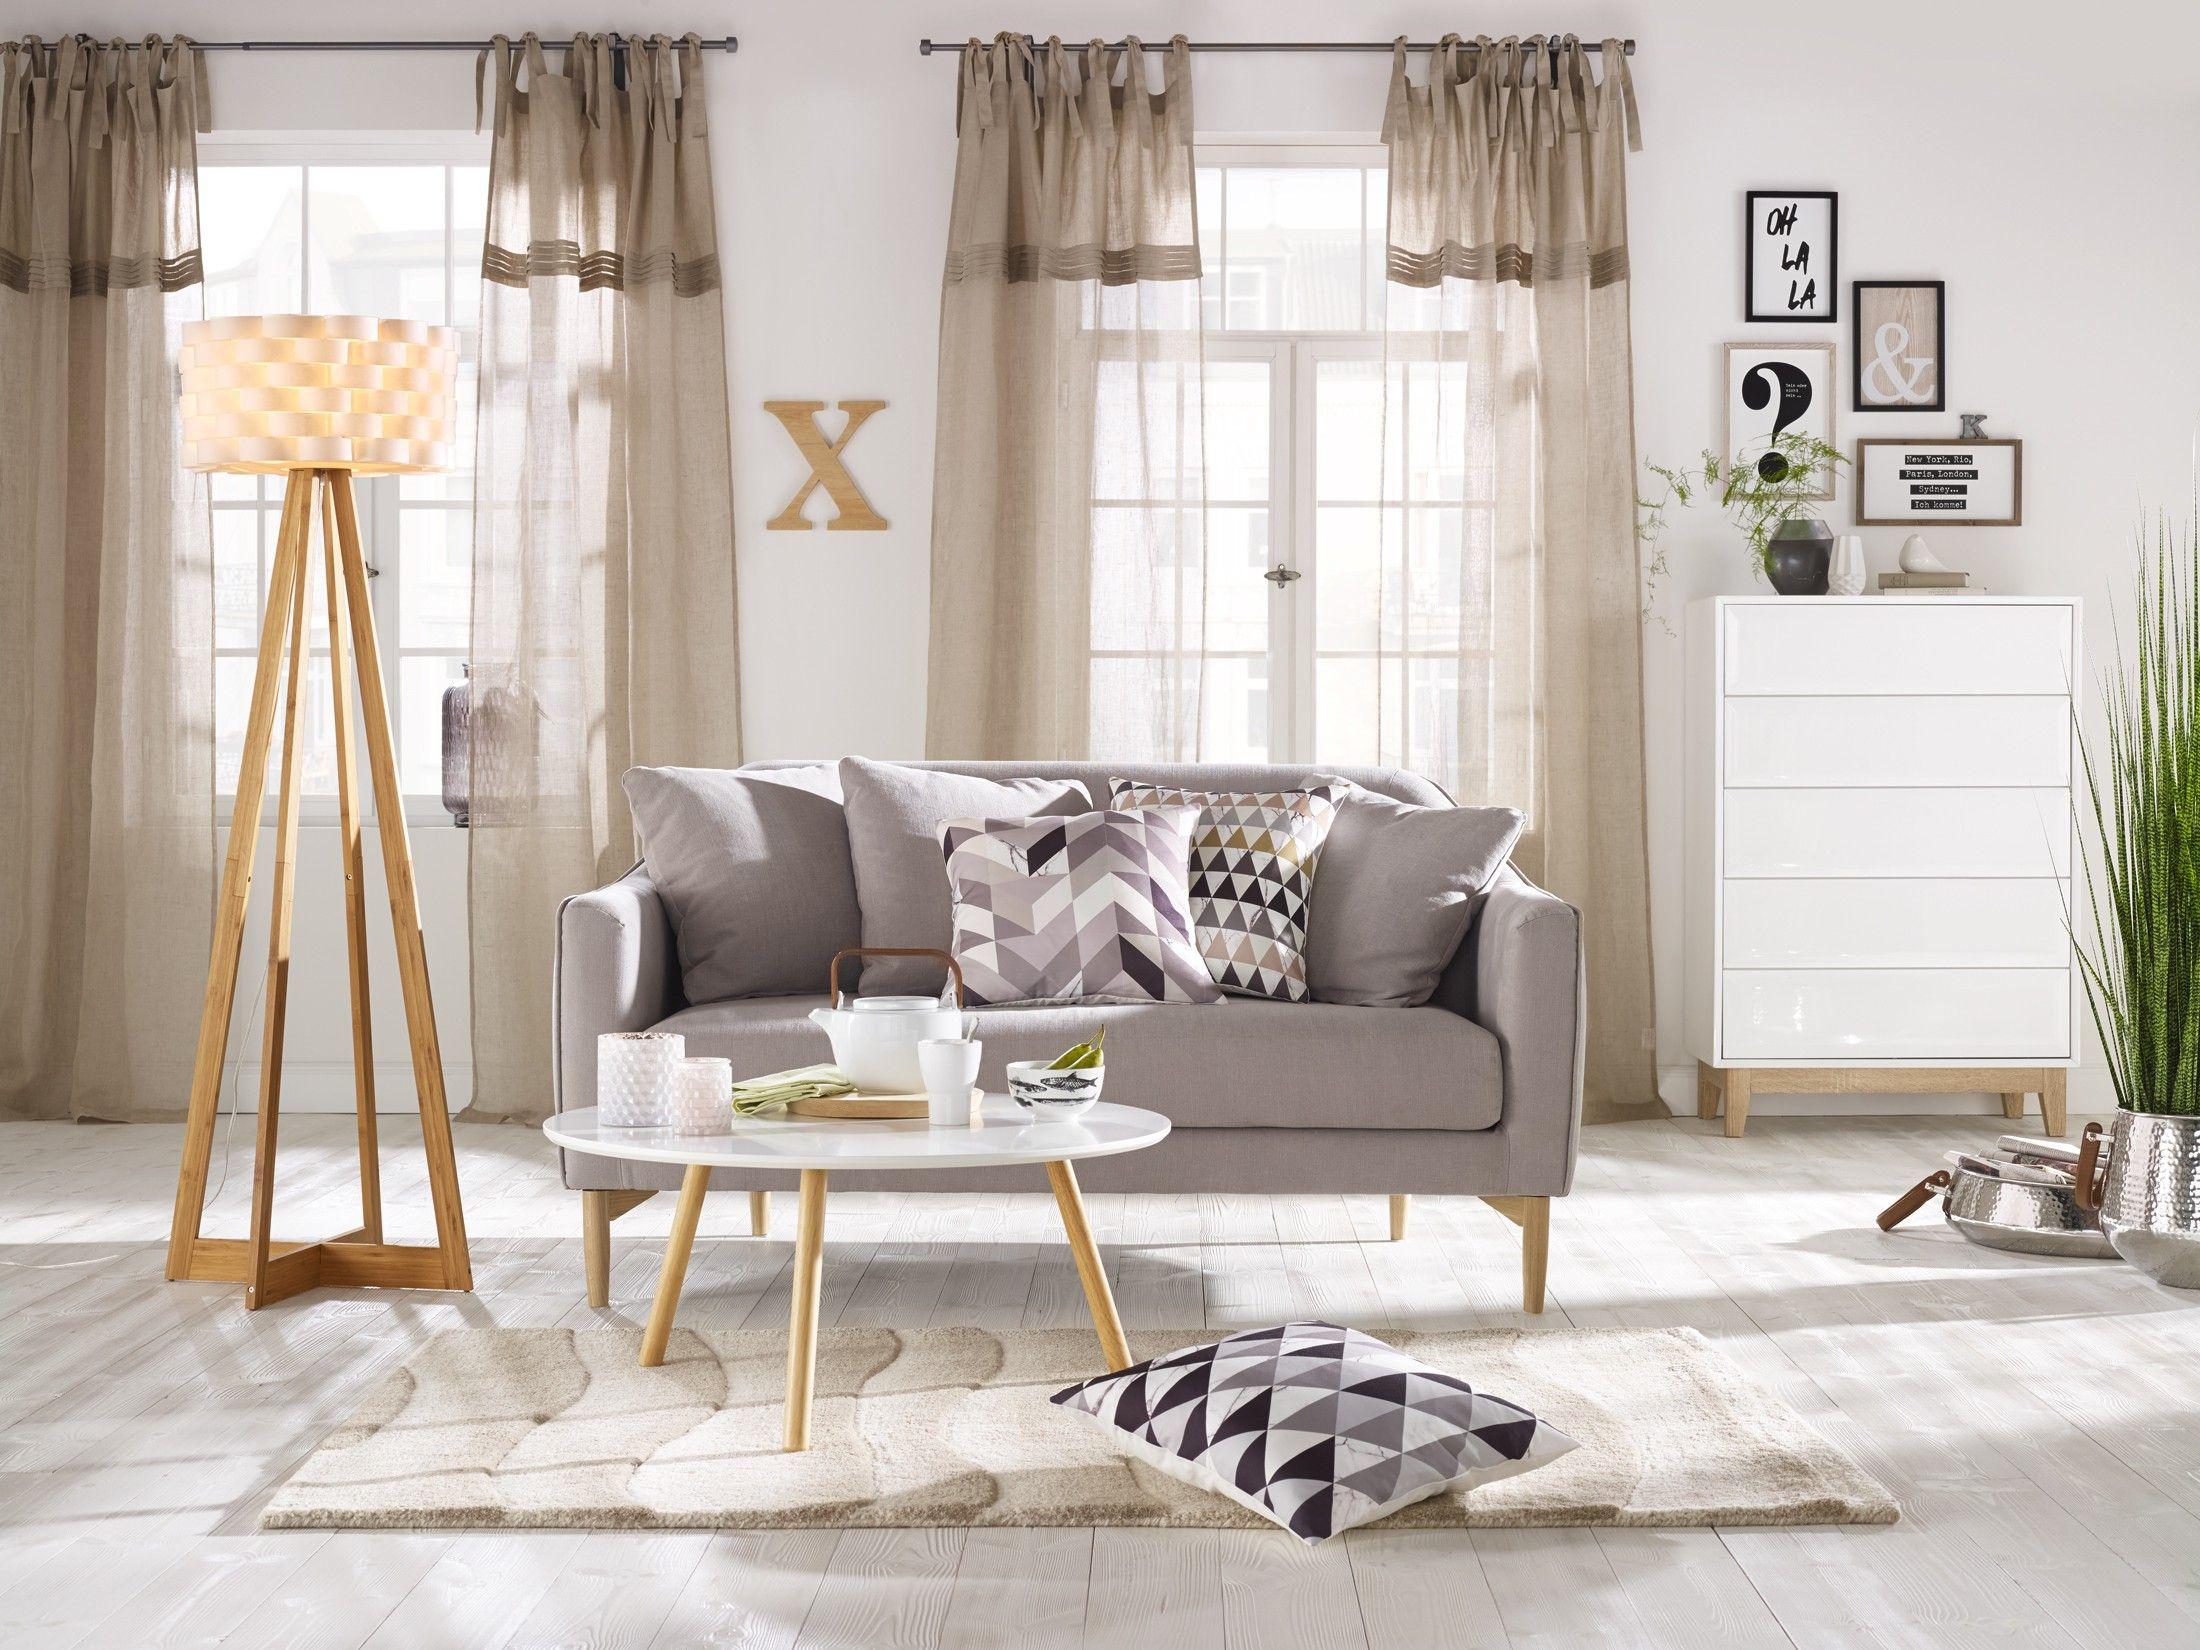 wohnzimmer ideen oder wie sie ihre pers nliche wohlf hloase gestalten k nnen. Black Bedroom Furniture Sets. Home Design Ideas